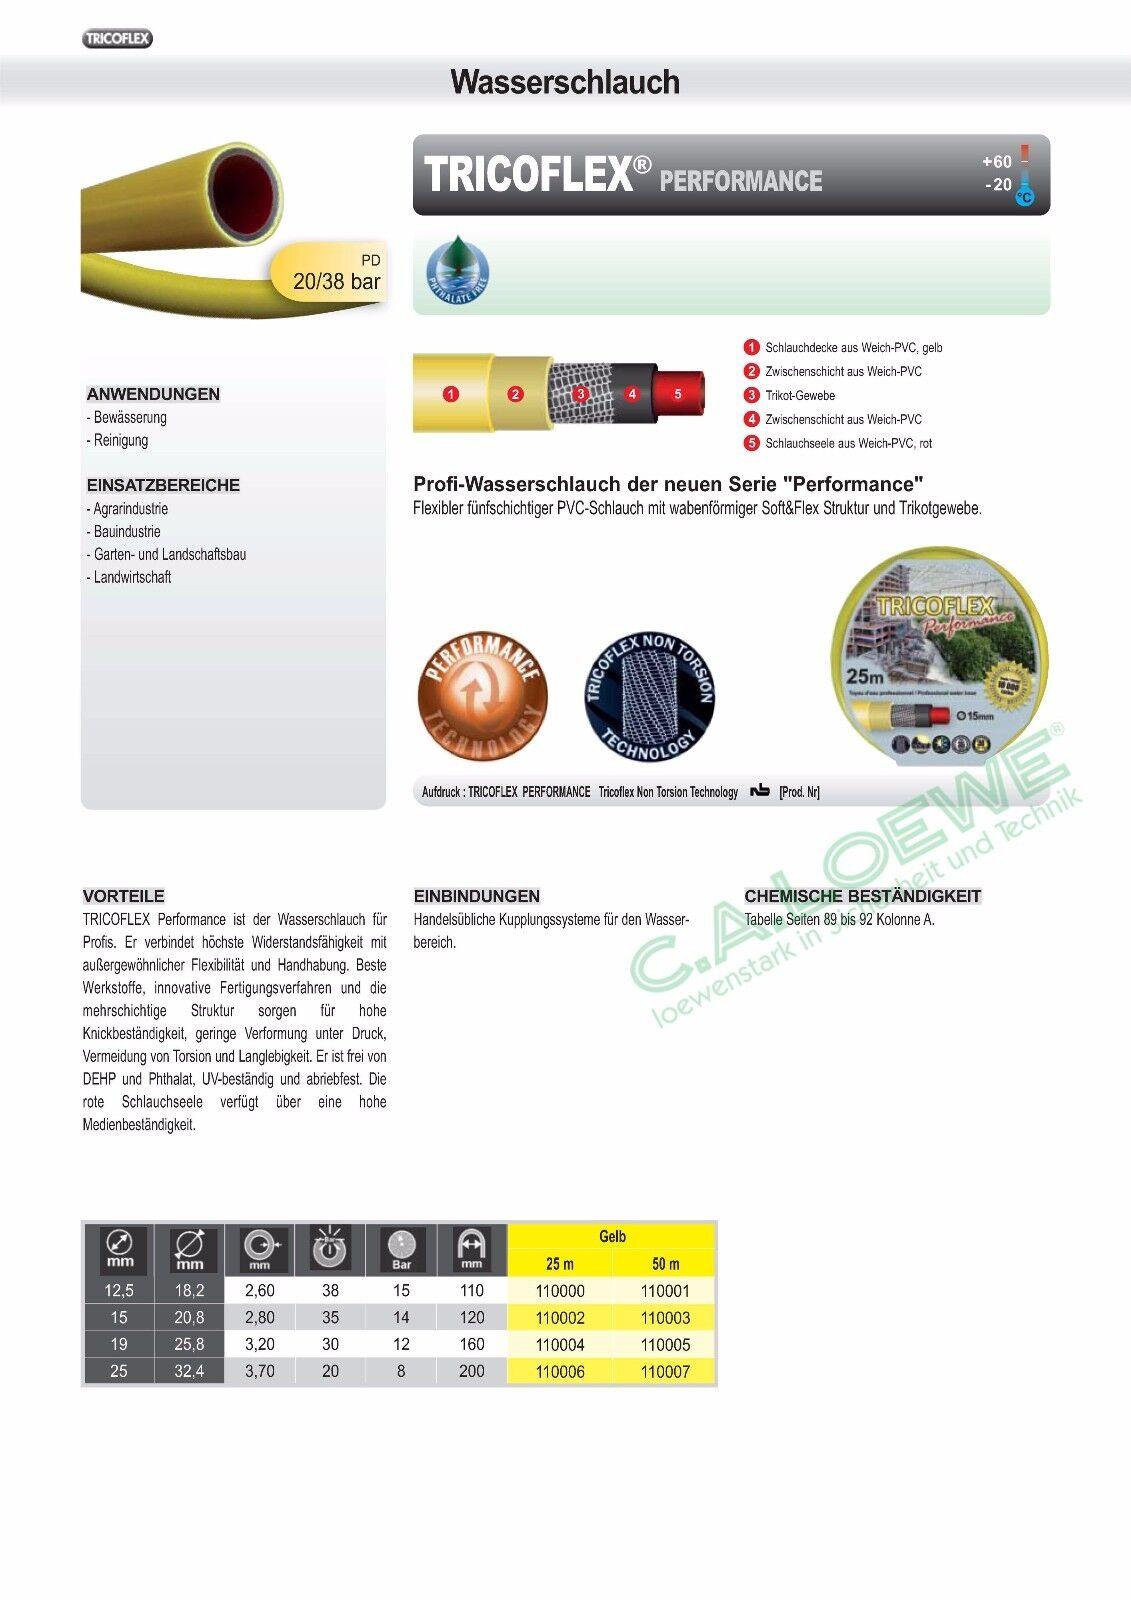 Wasserschlauch Tricoflex Performance gelb,1 2 12,5mm Rolle à 50m Gartenschlauch Gartenschlauch Gartenschlauch | Exquisite (mittlere) Verarbeitung  | Große Auswahl  | Konzentrieren Sie sich auf das Babyleben  b7a7ea